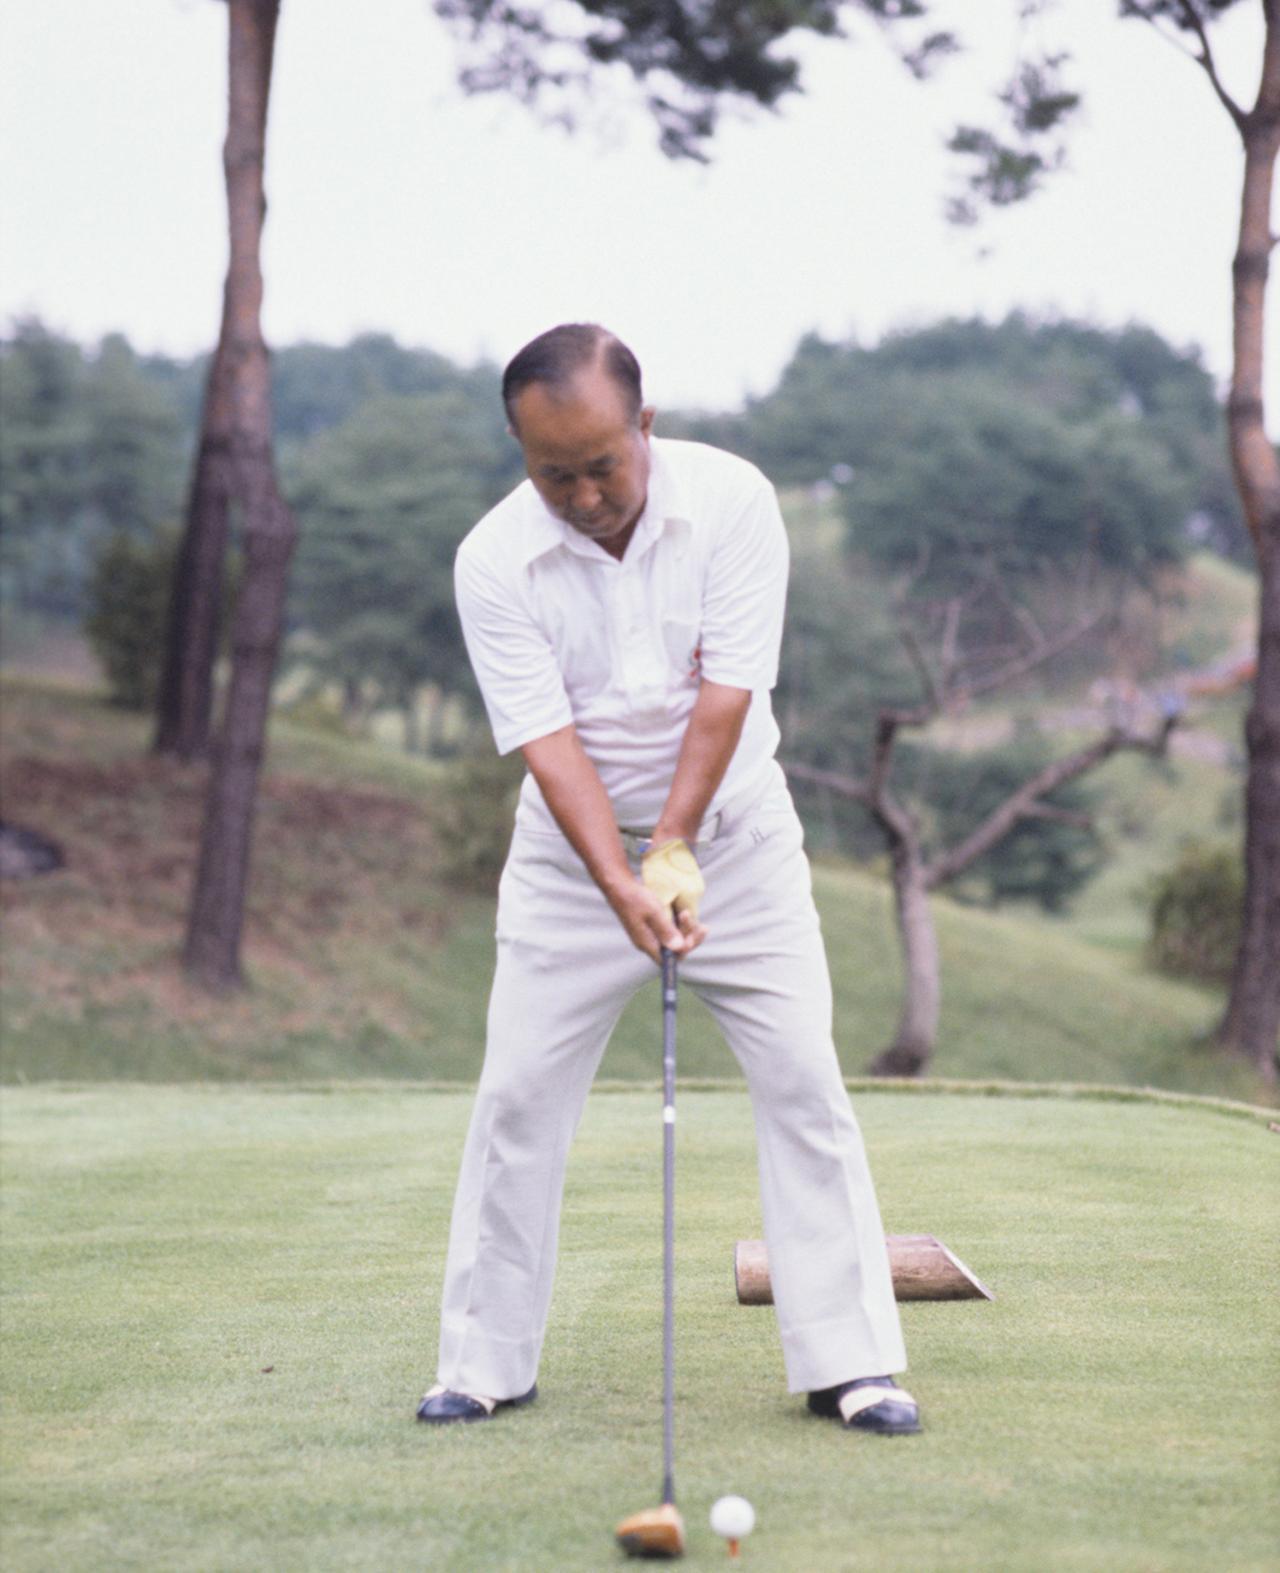 画像1: 【今日は何の日? ゴルフの日】60年前の昭和32年10月27日にカナダカップ優勝。霞ヶ関CC東コースでマークした日本チームのスコアは? 日本のタイガー中村寅吉